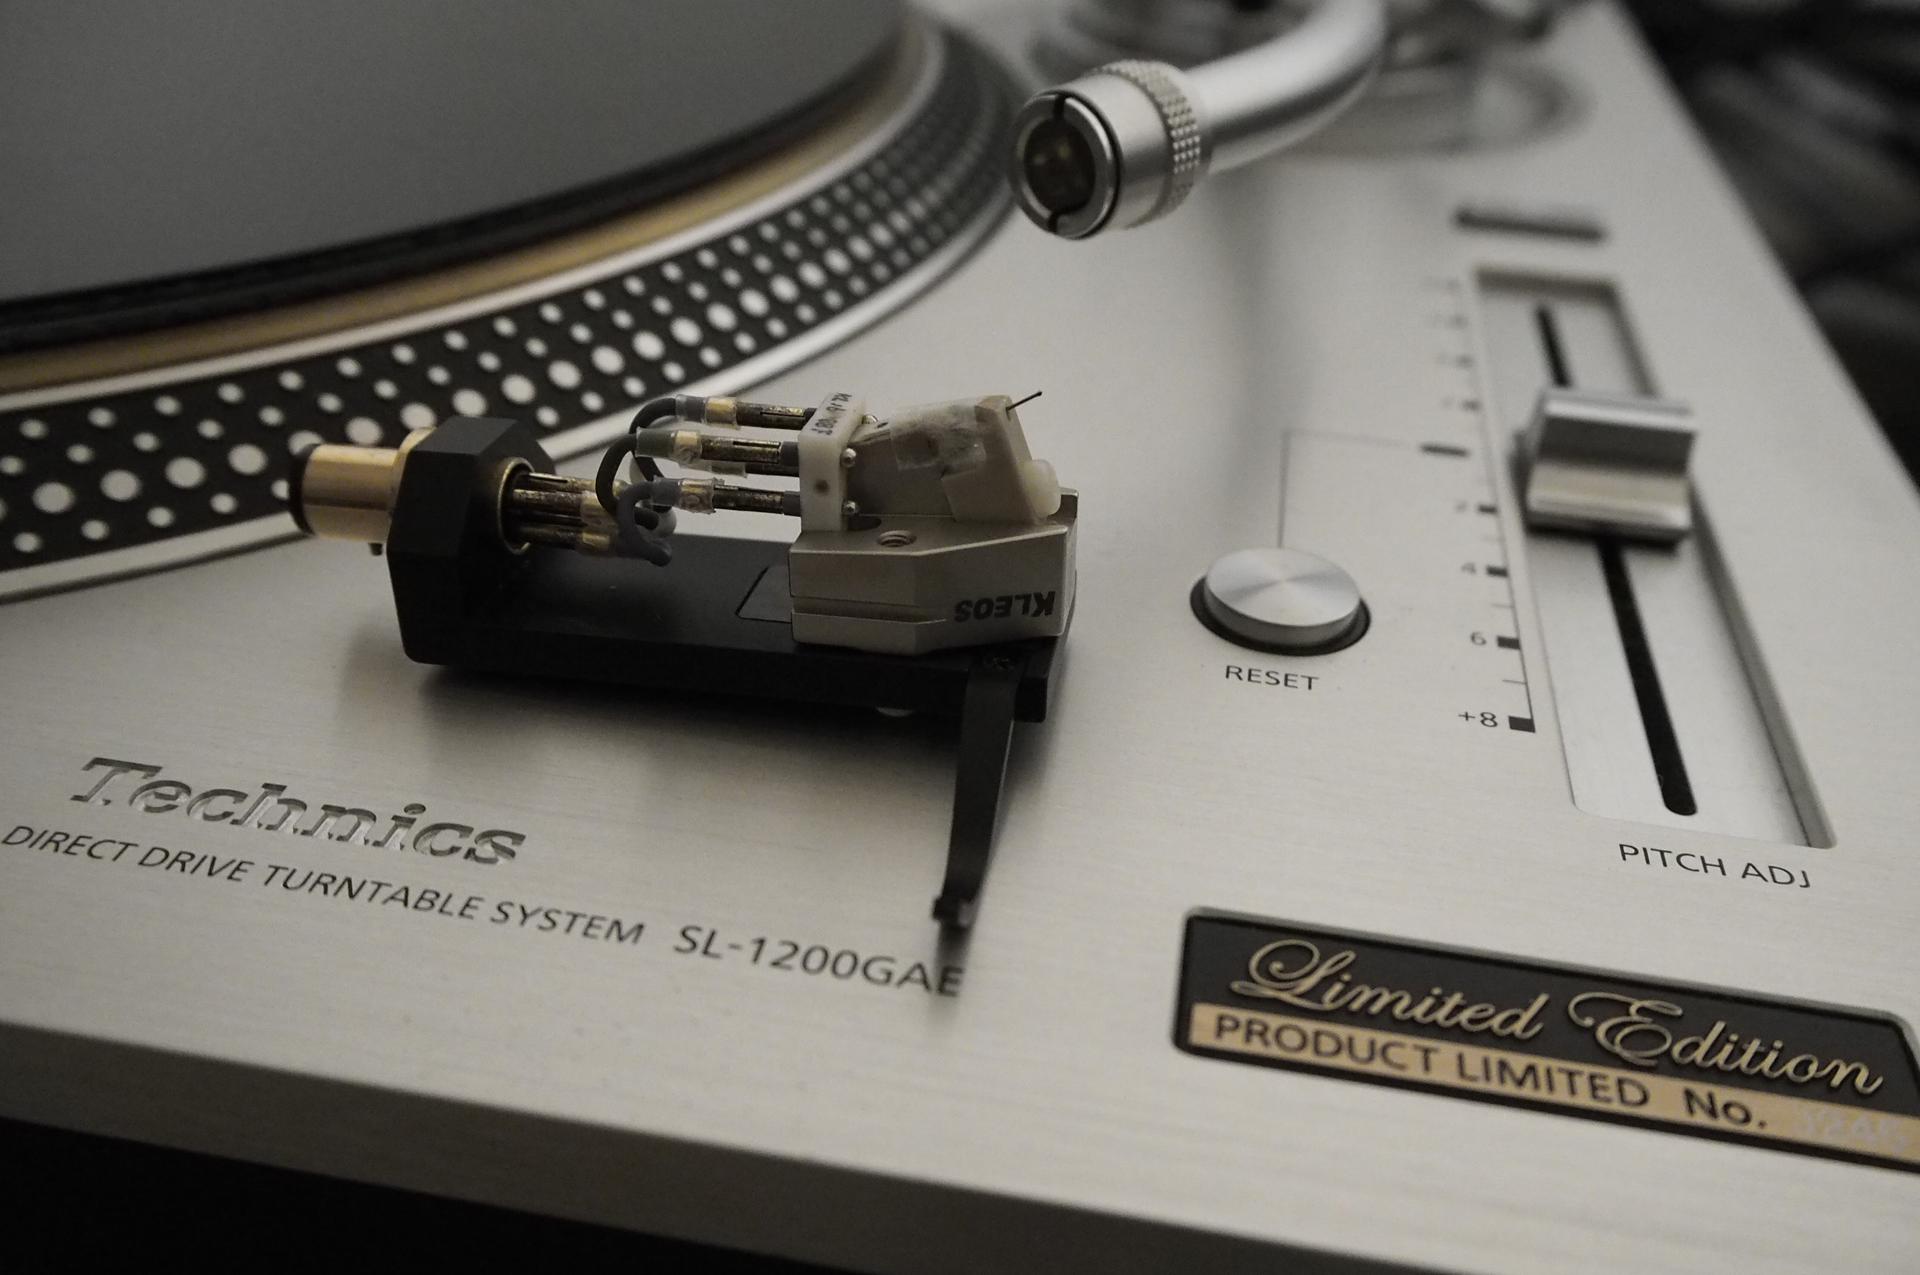 レコードCD化サービス・ハイレゾ化なら【レコードデジタルラボ】